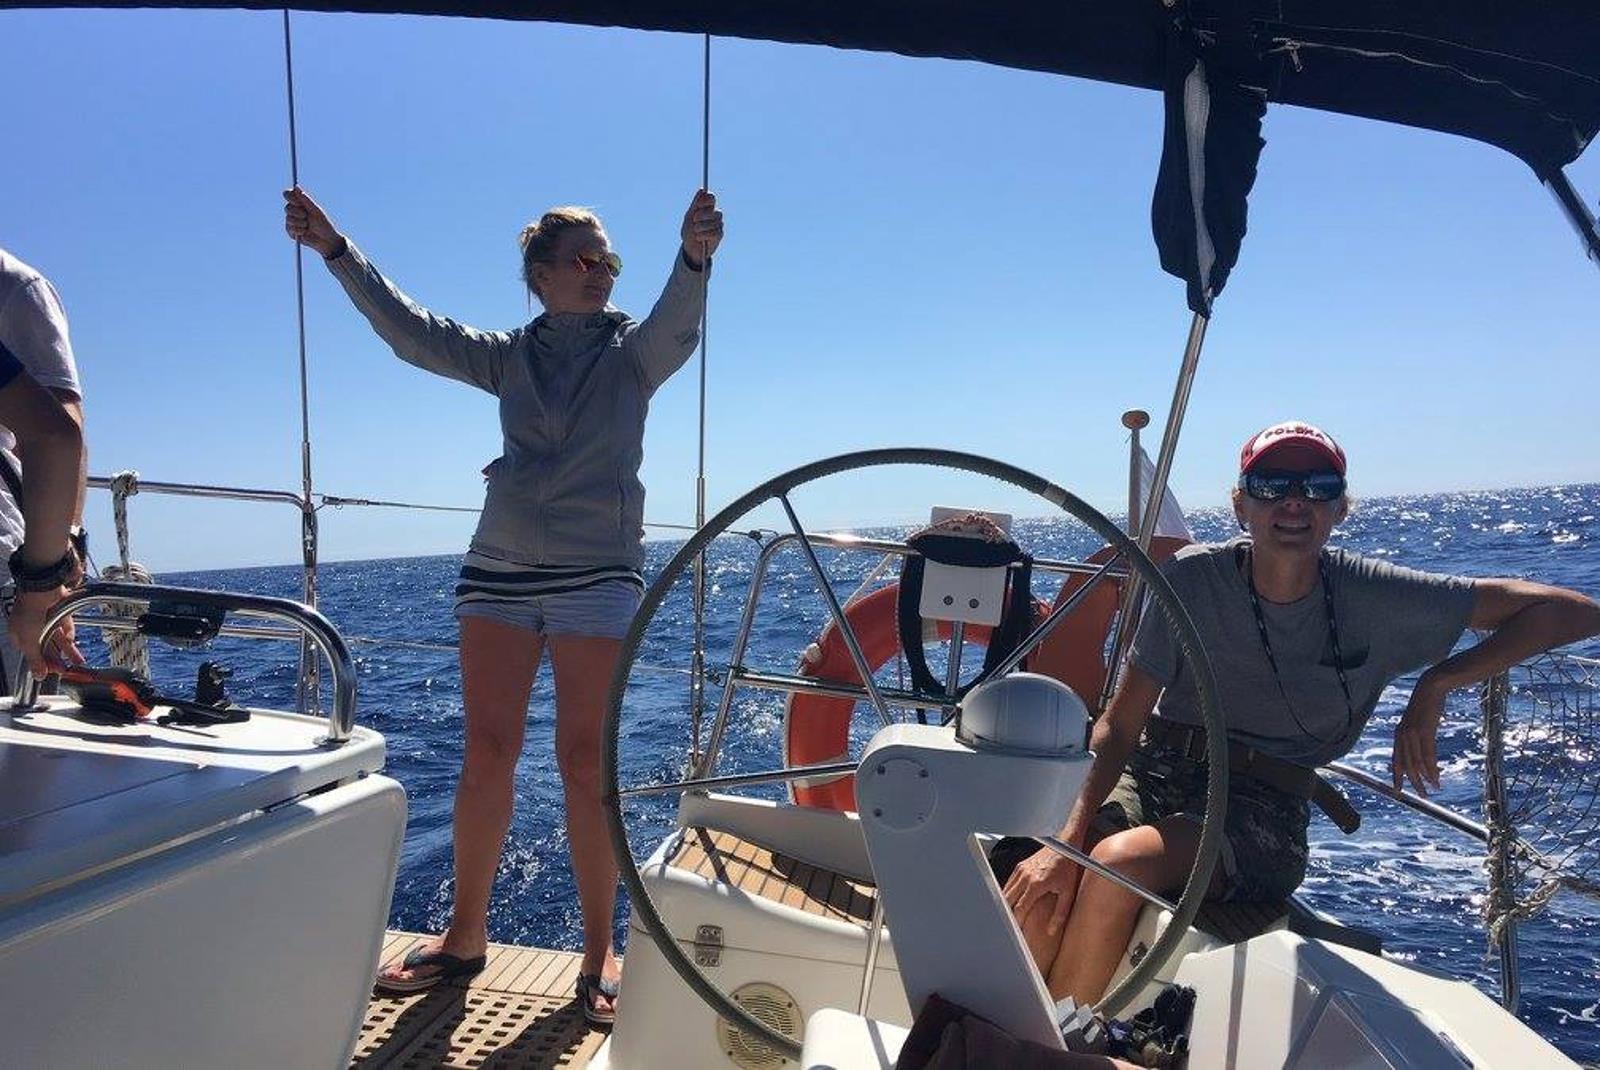 Sailing-Boat-Trip-from-Puerto-de-Mogan-6